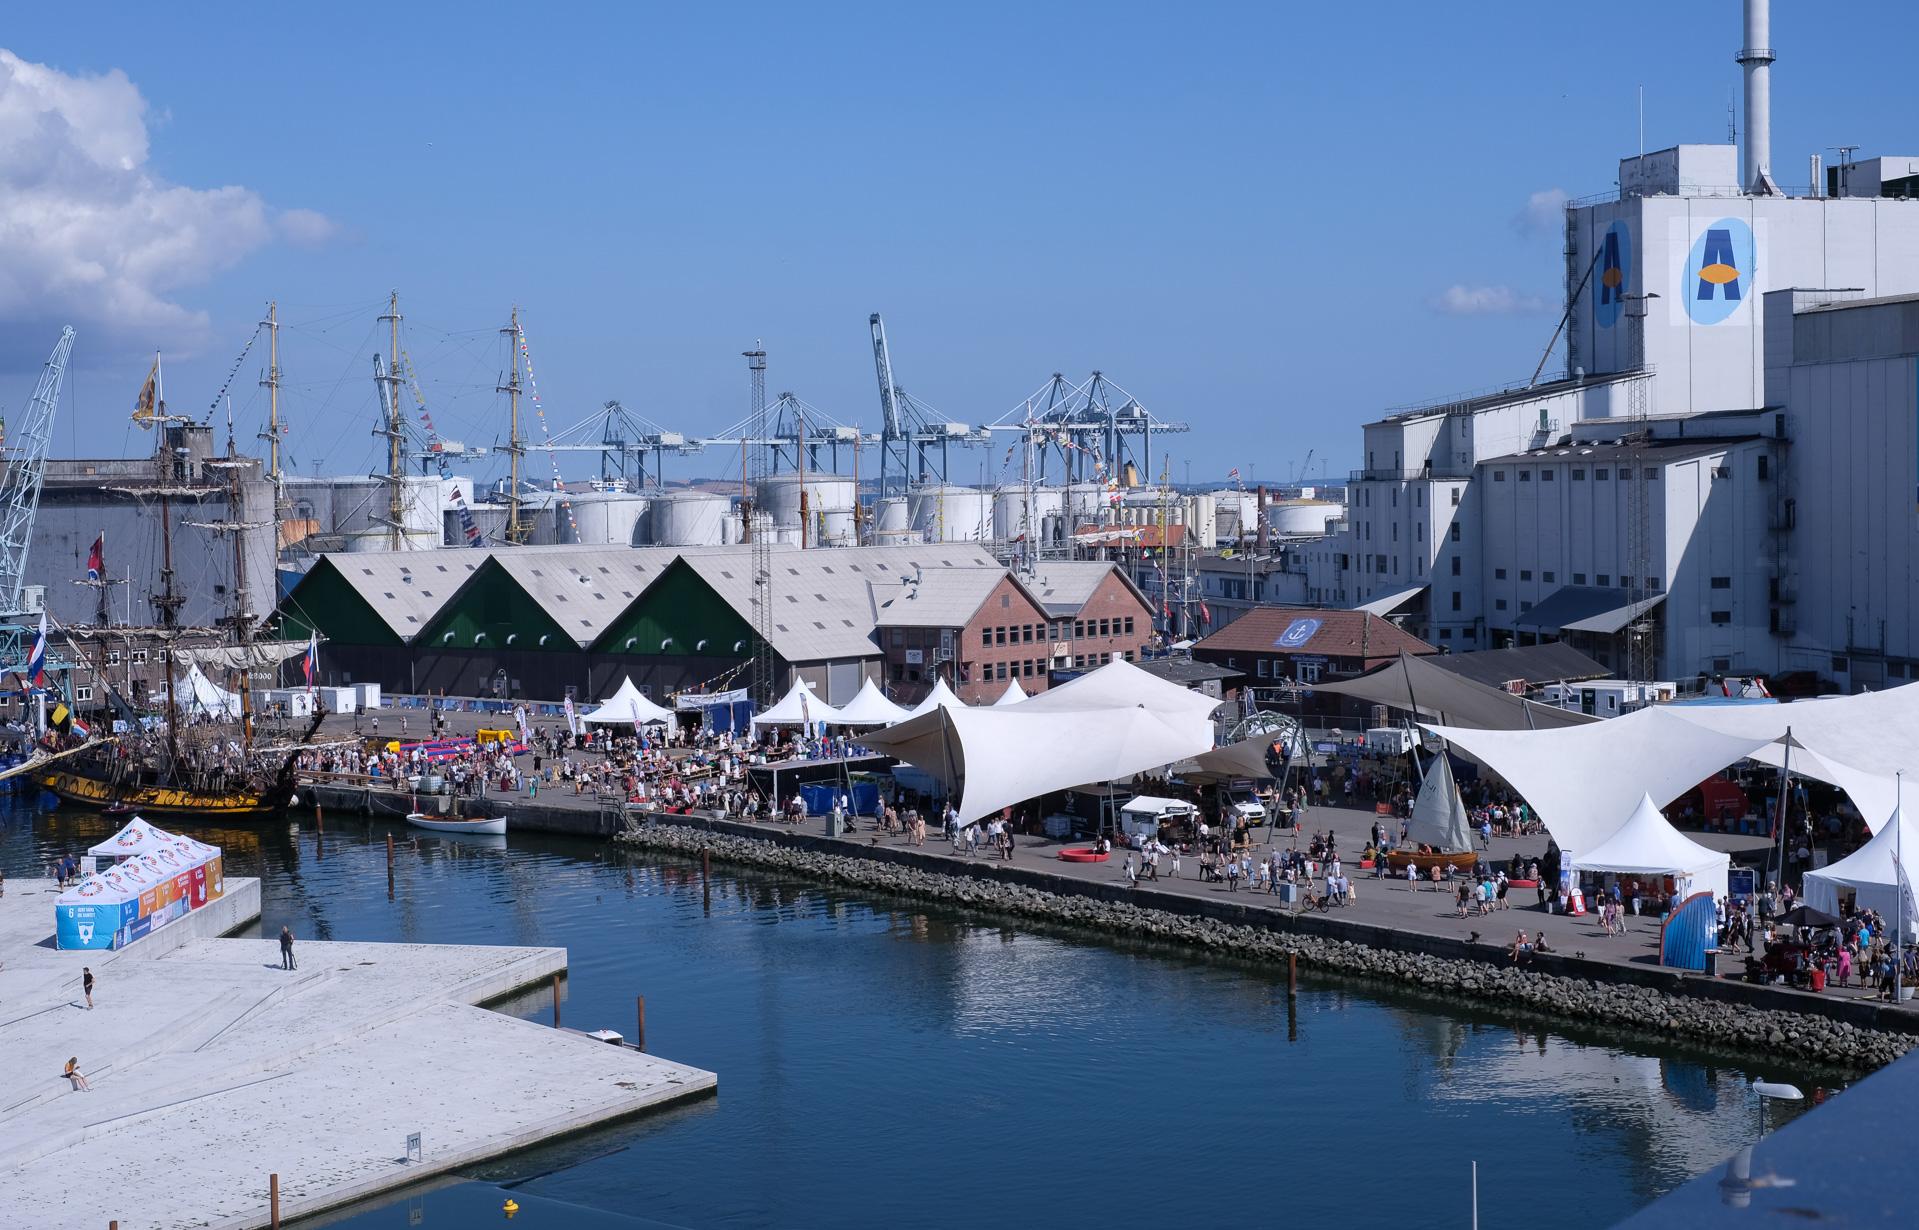 Det siger sig selv: Havneshow skabte kaos - og satte rekord